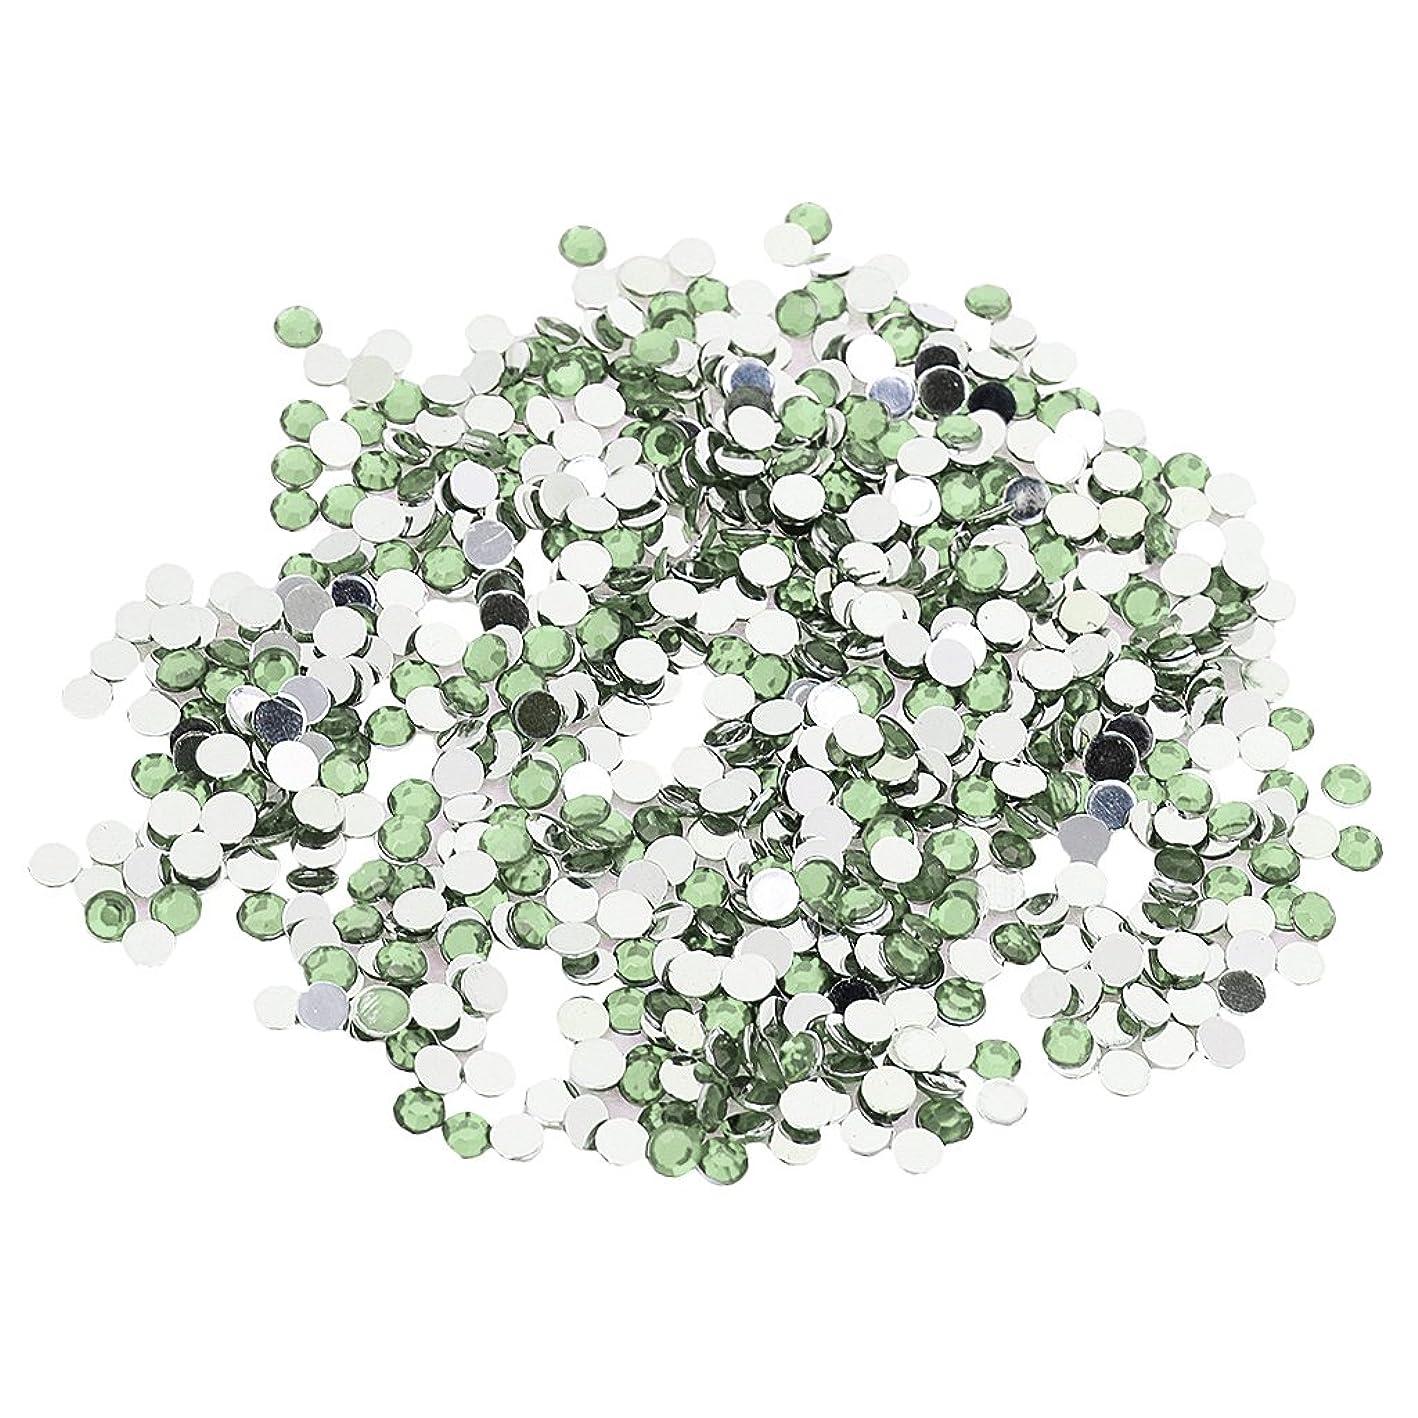 類人猿注意部分約2880個 .4mm ラインストーン 宝石 アクリル 結晶 ビーズ チャーム DIY 手芸用 ネイルクラフト 装飾 全5色選べる - 薄緑, 4ミリメートル